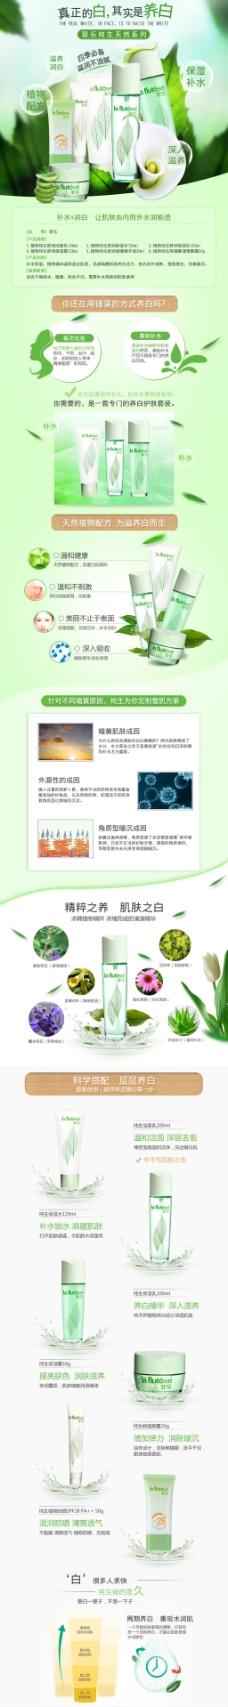 天猫淘宝植物系列护肤品详情页